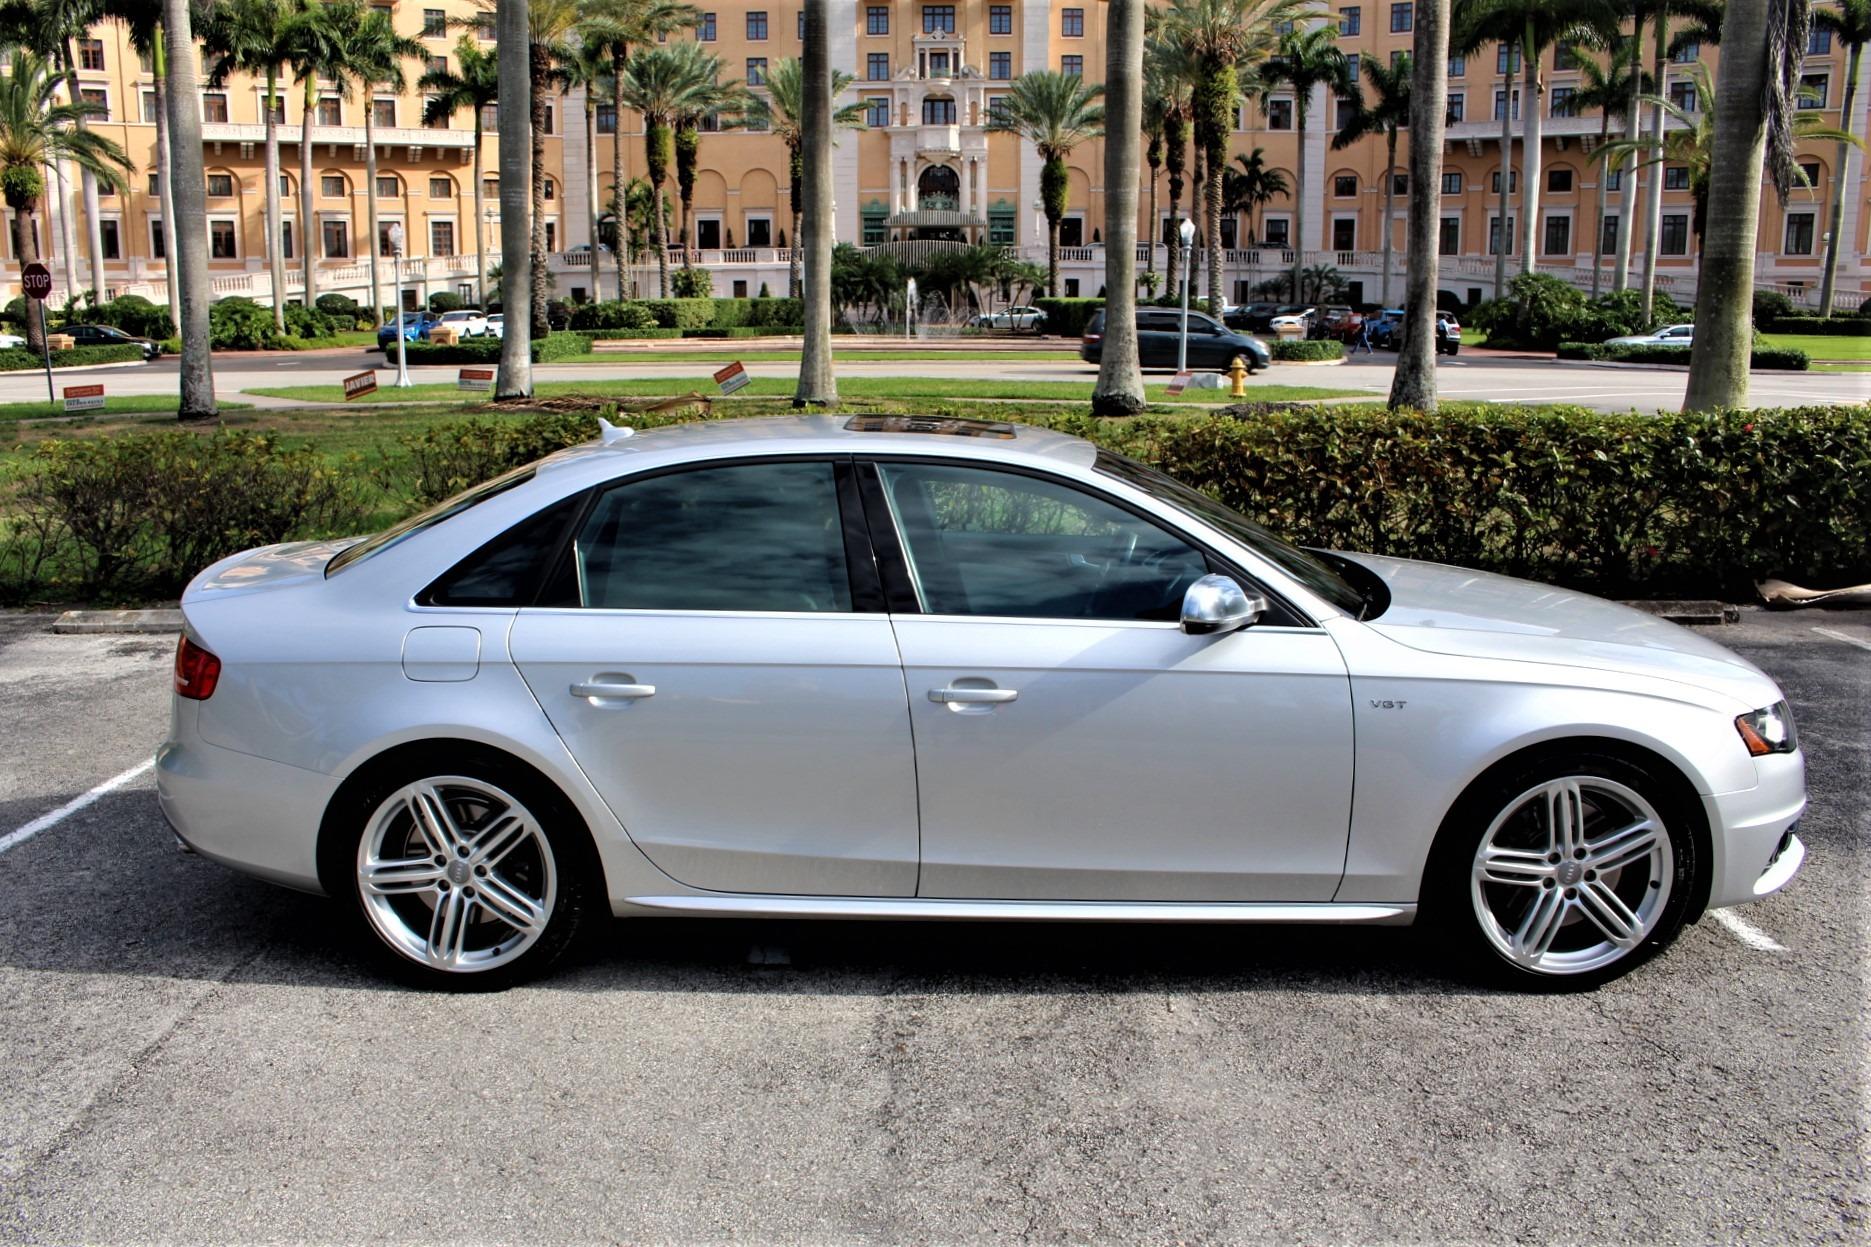 Used 2012 Audi S4 3.0T quattro Prestige for sale $29,850 at The Gables Sports Cars in Miami FL 33146 2